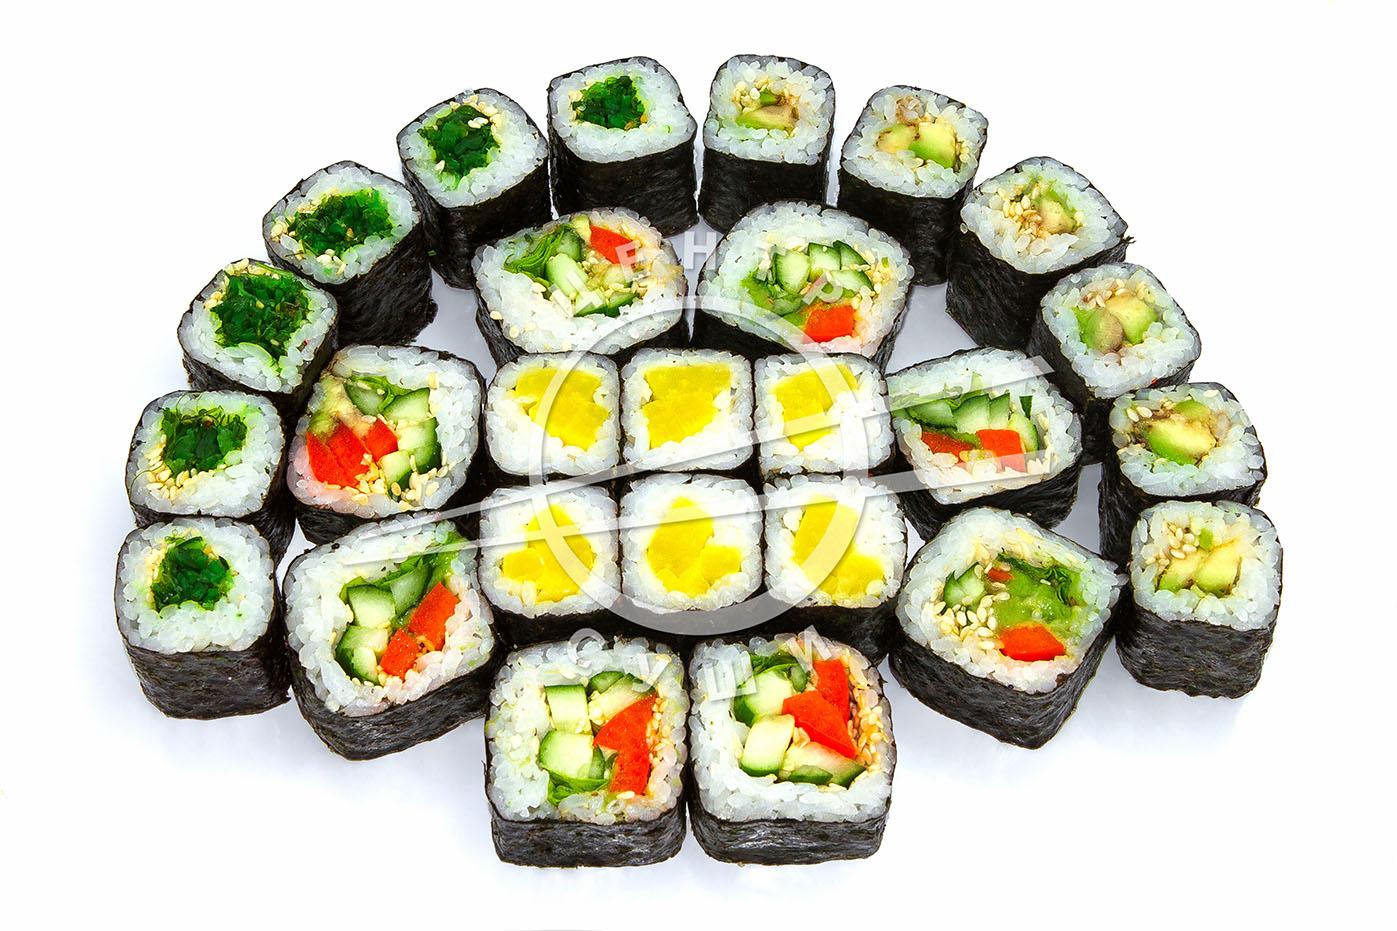 """""""Центр Суши"""": суши-сеты от 10,44 руб/555 г, роллы от 6,23 руб/270 г + гарнир!"""